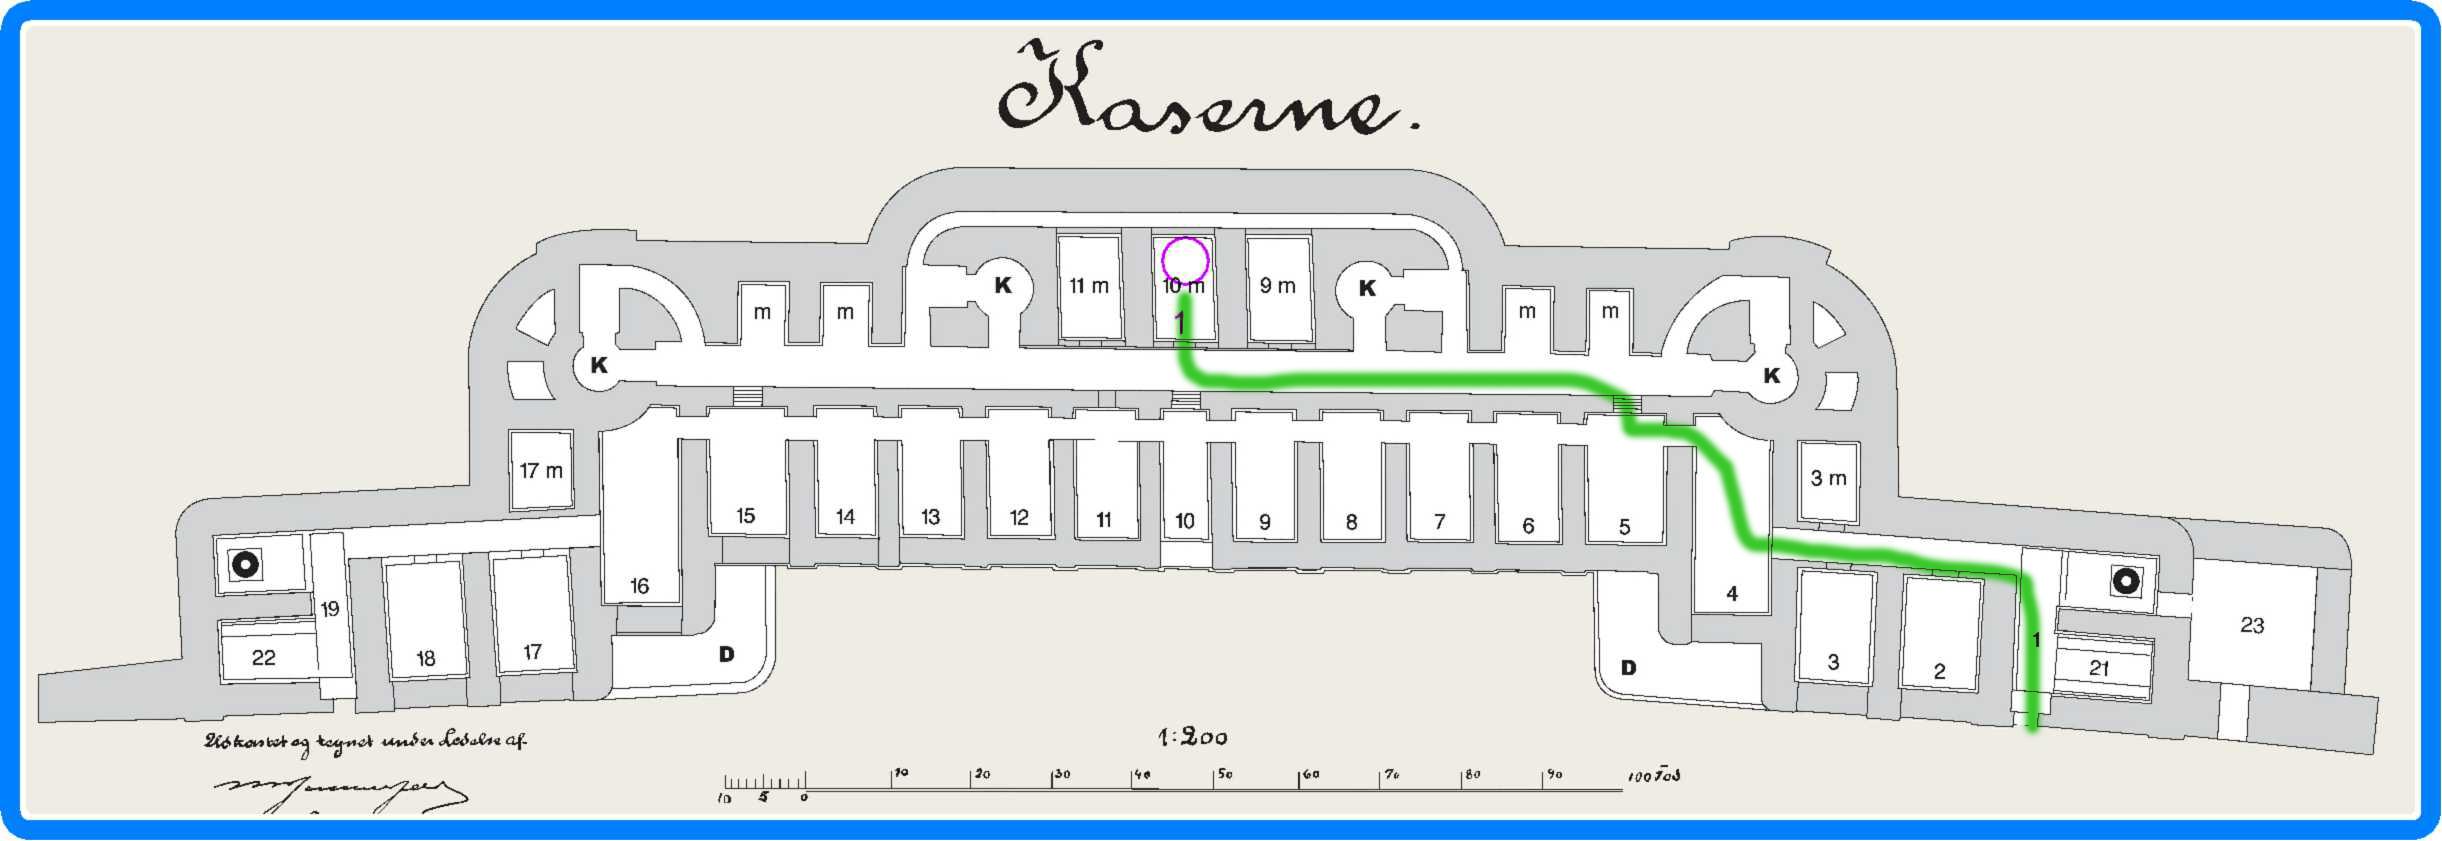 Kort 3 - med vejvalg - rød er planlagt - grøn er reelt vejvalg hvor det afviger